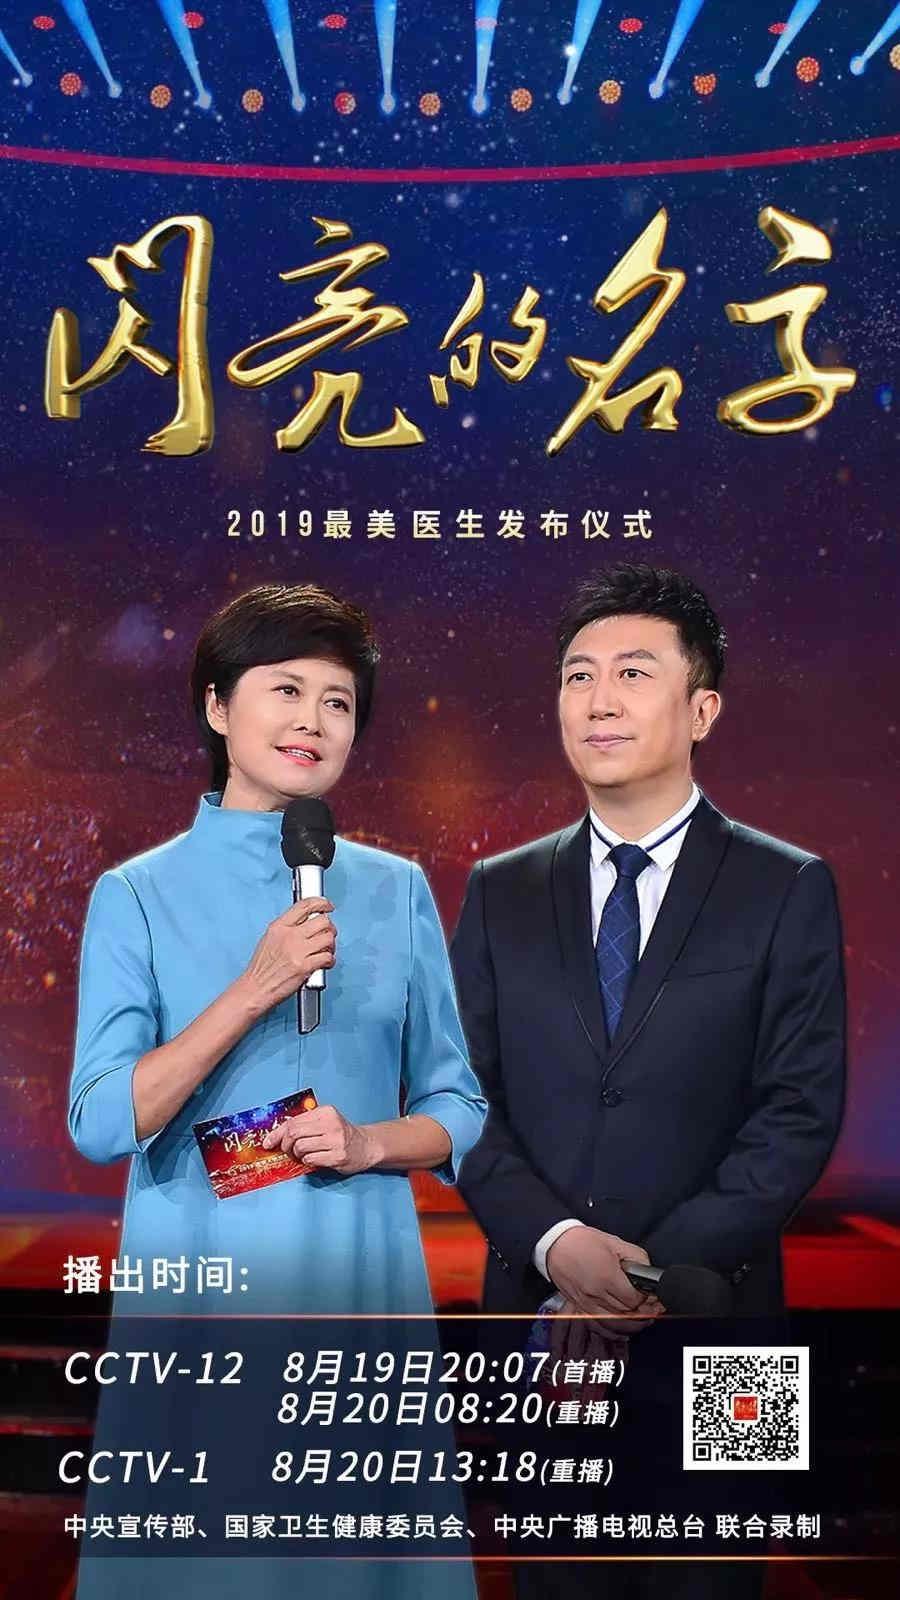 发布仪式在中央广播电视总台举走,将于8月19日、8月20日在中央广播电视总台社会与法频道(CCTV-12)、综相符频道(CCTV-1)播出。